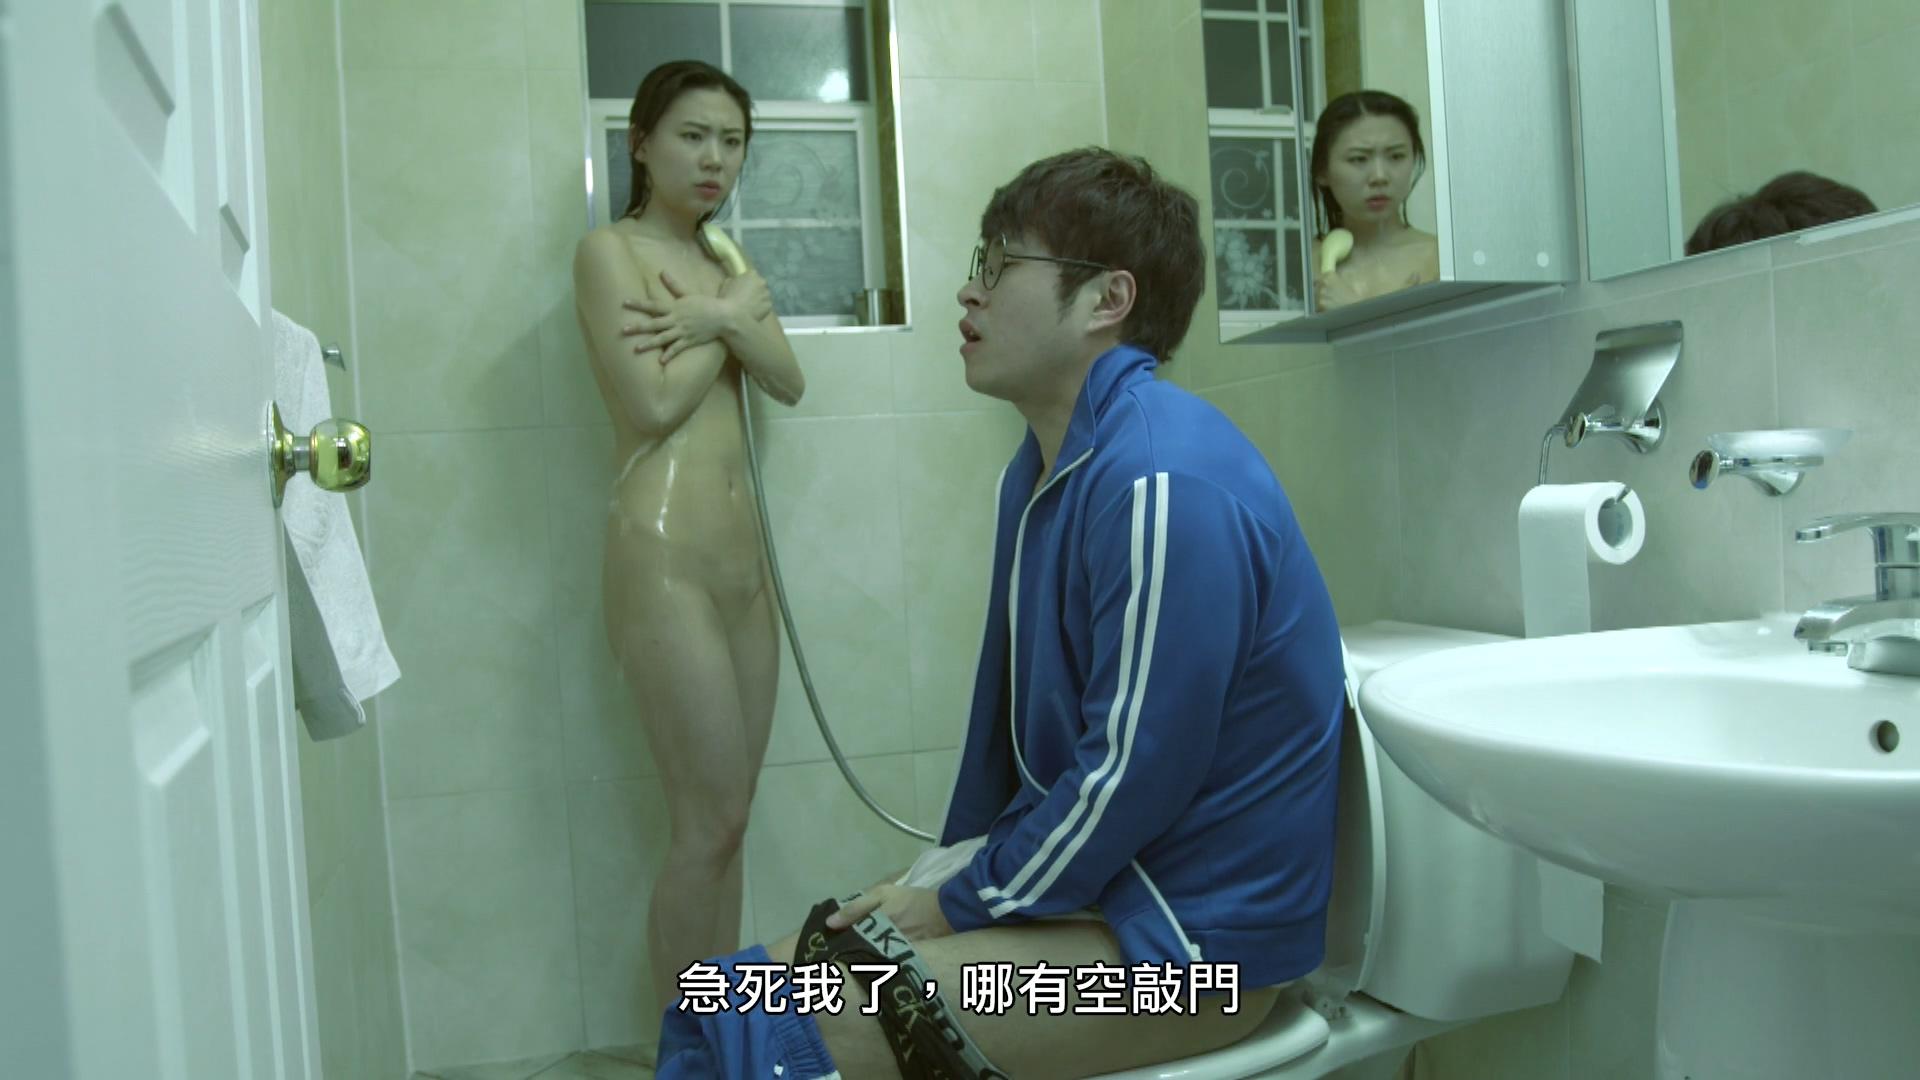 悠悠MP4_MP4电影下载_[甜蜜的性爱][韩国情色电影][WEB-MKV/2.32G][1080P][韩语中繁]